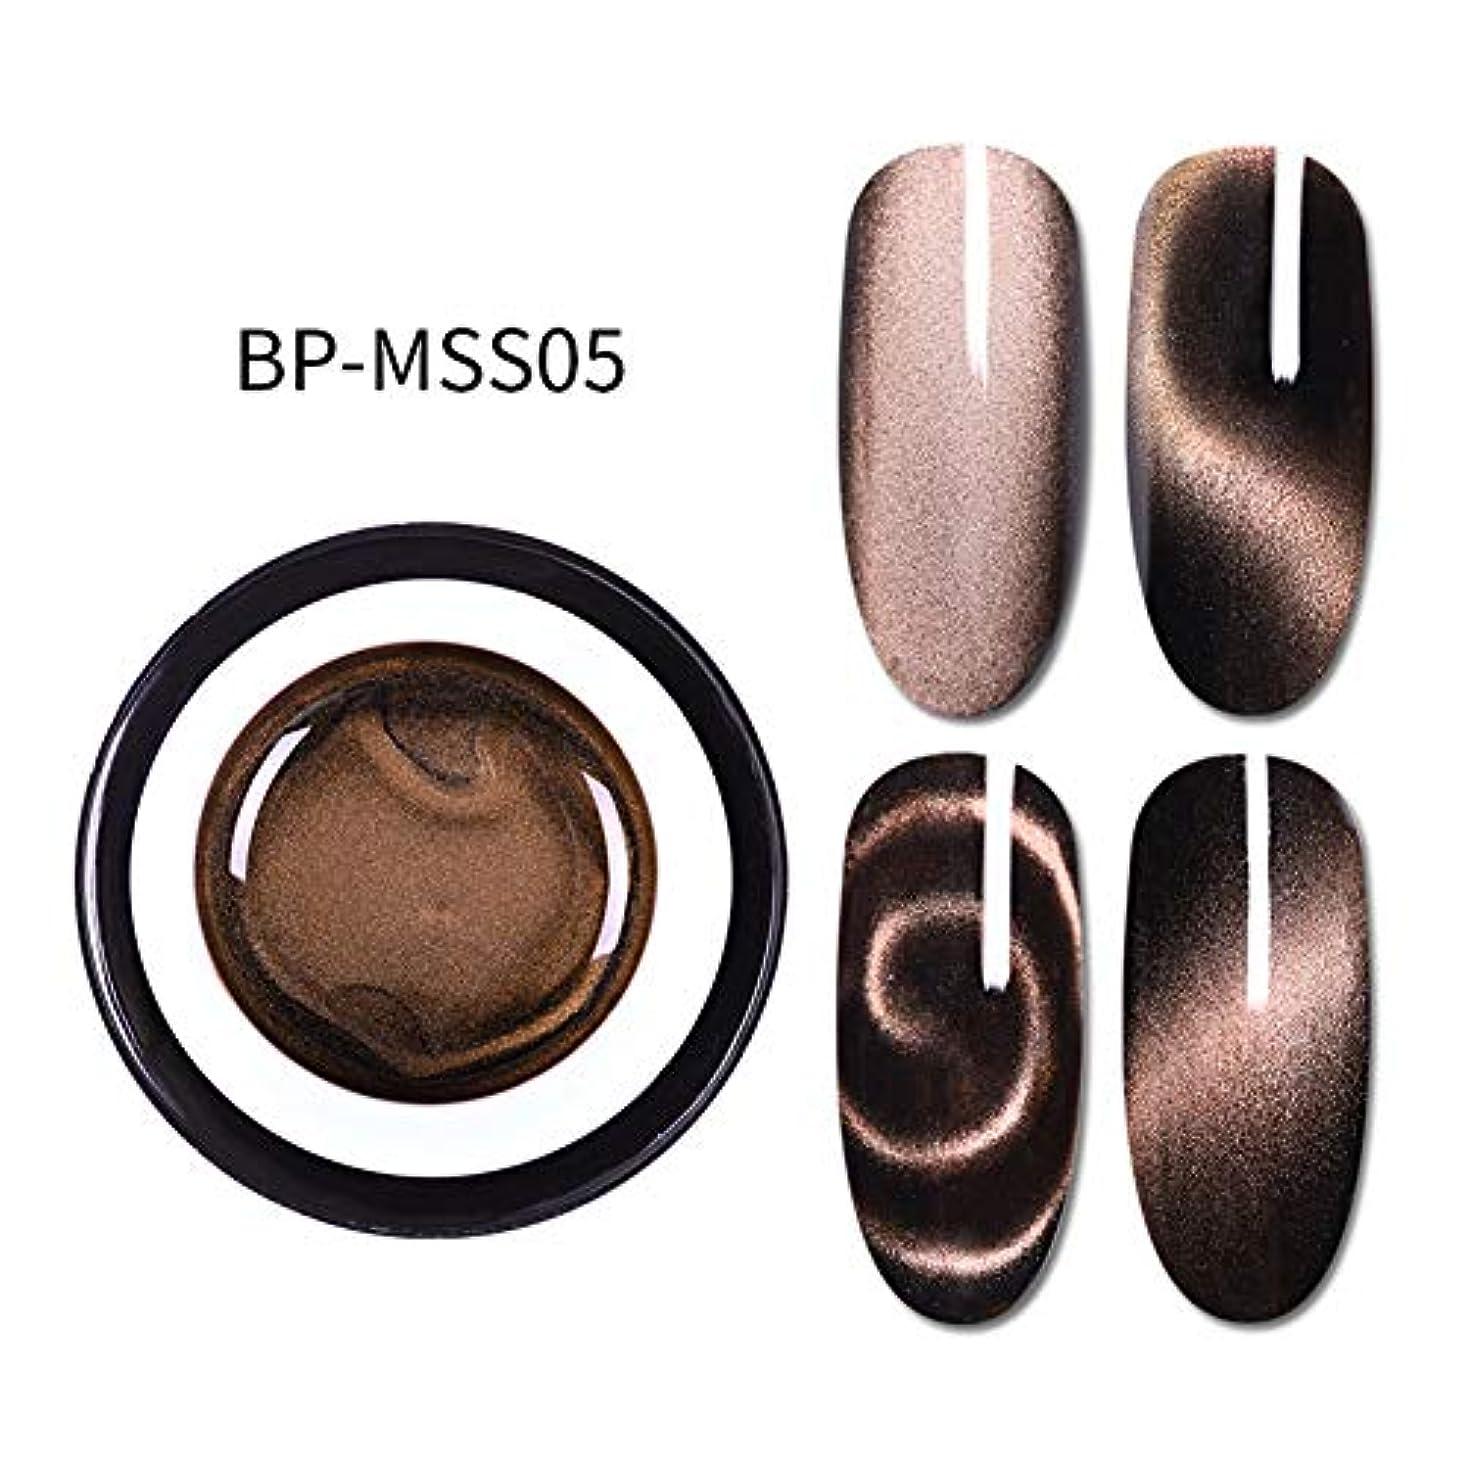 資本主義パキスタンびんhamulekfae-5D磁気キャットアイジェルポリッシュUVネイルアートロングラスティングワニスラッカー 5